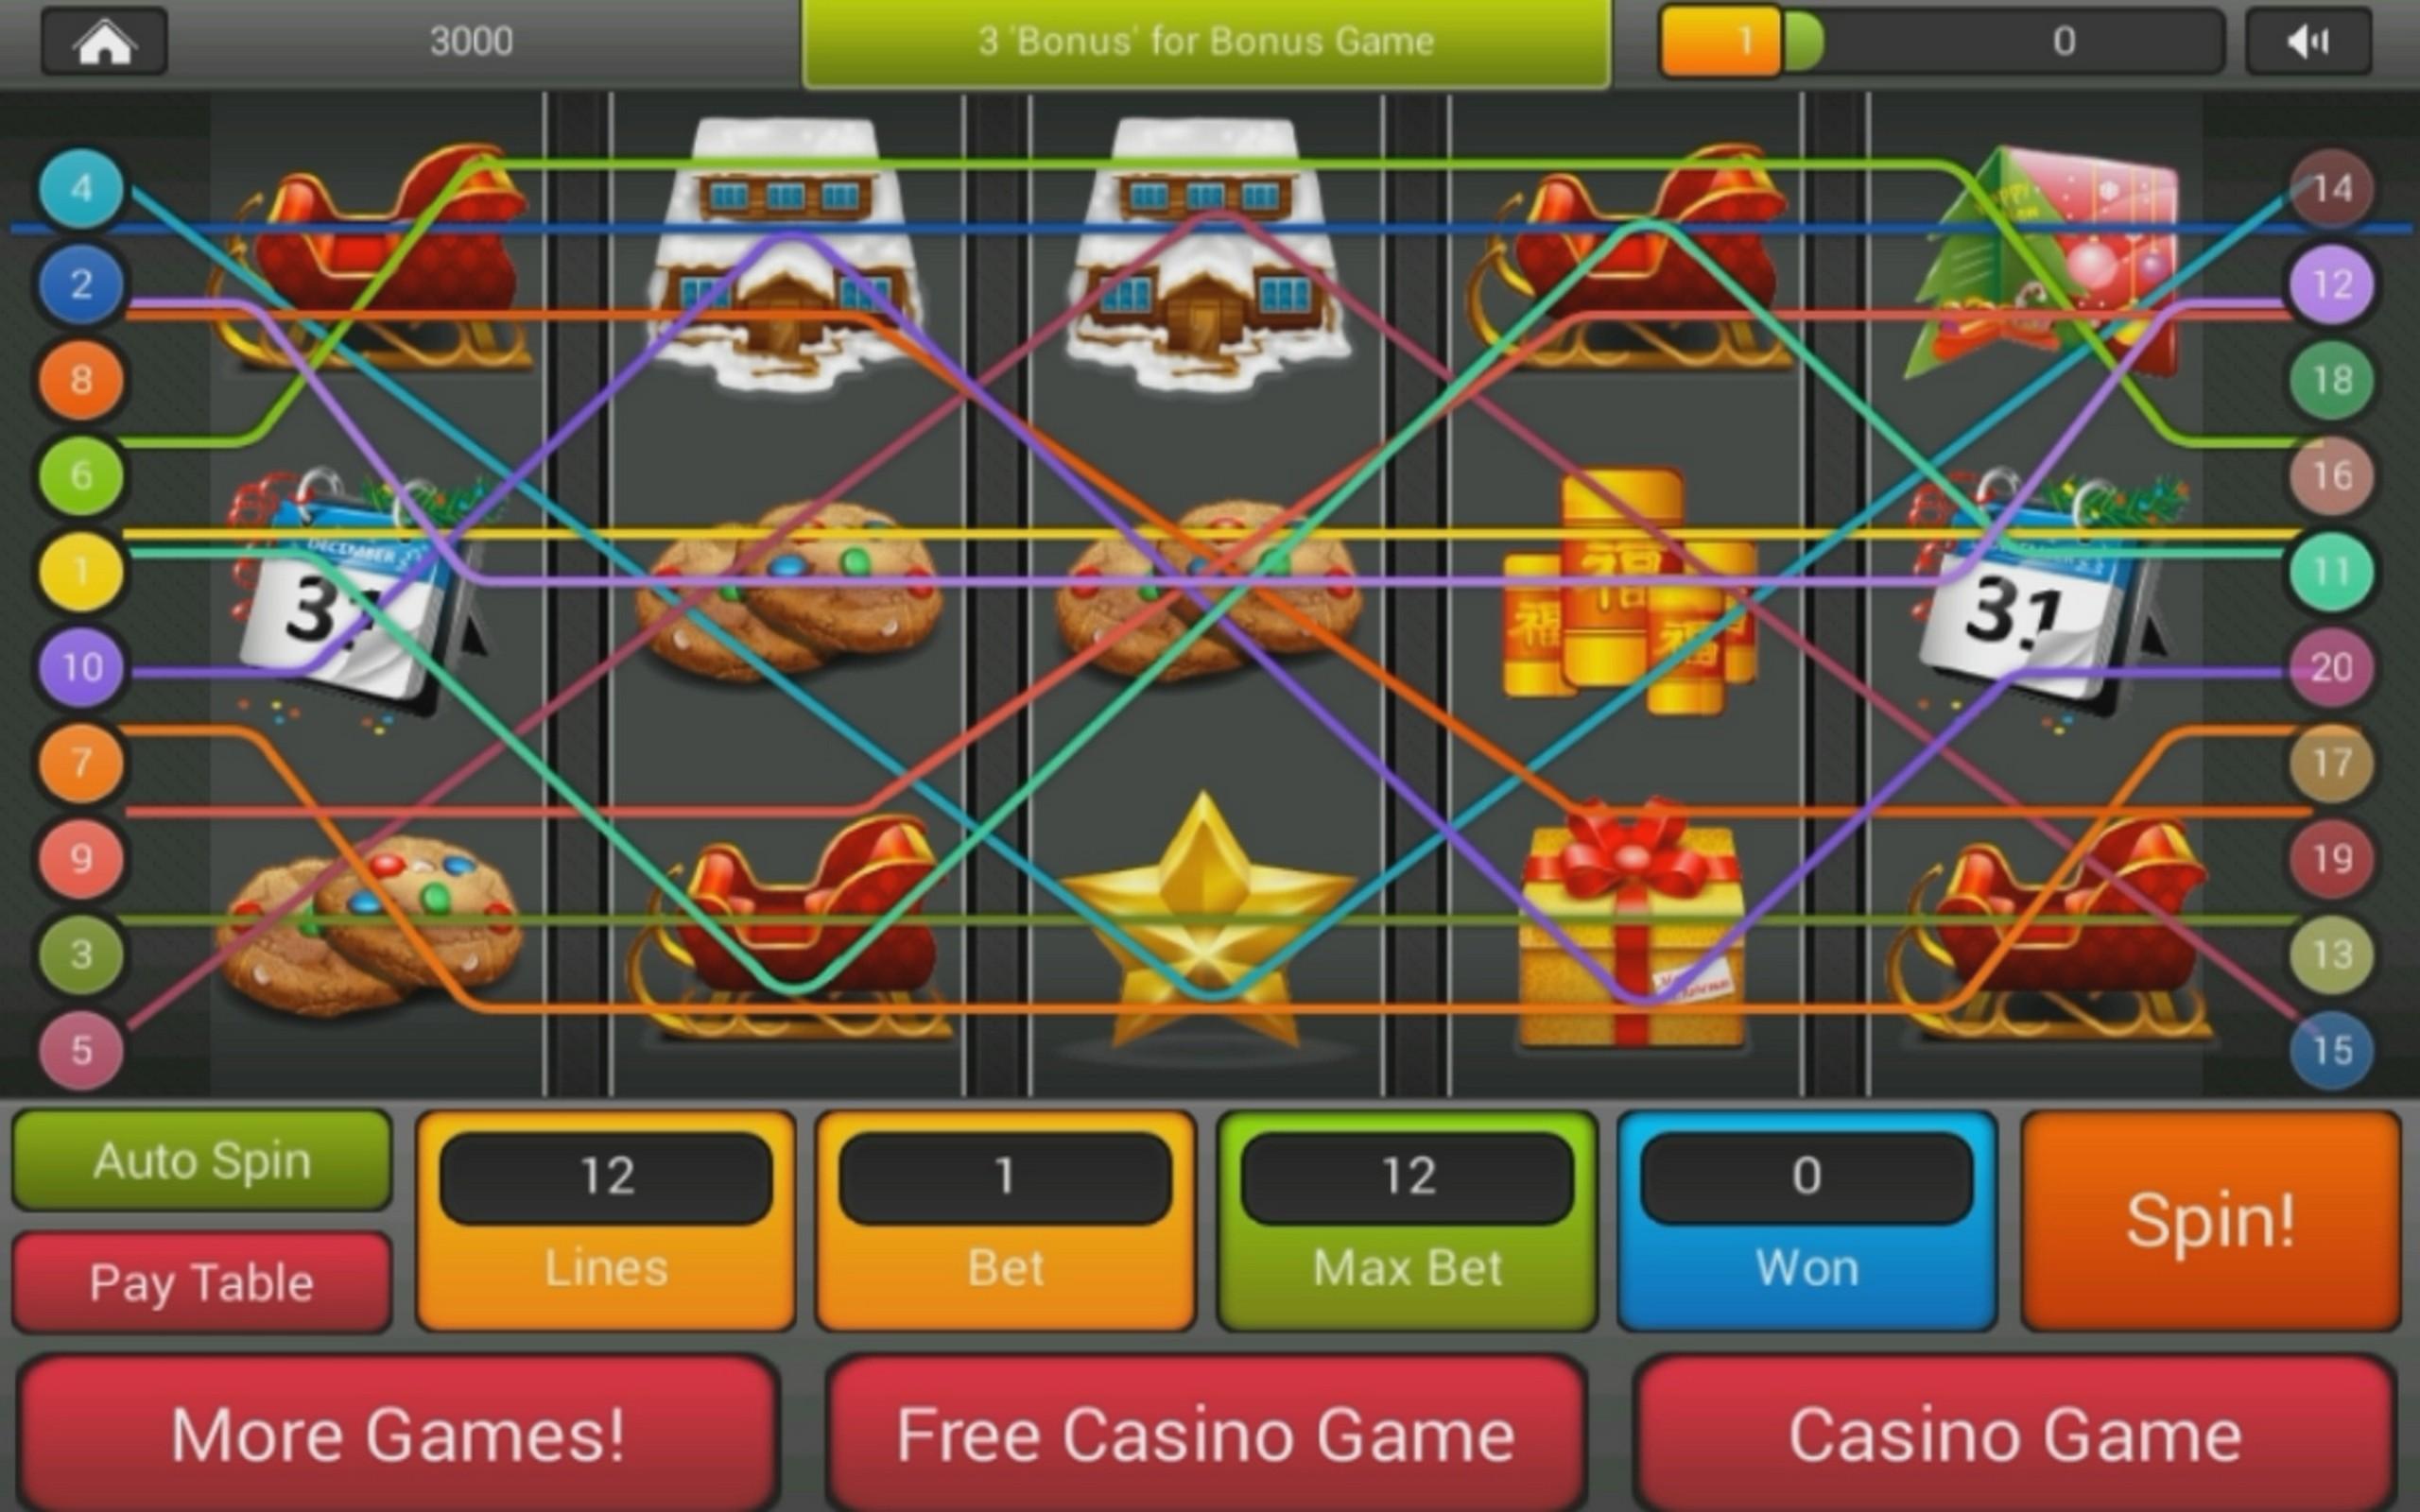 Royal casino cuenta atrás-833693